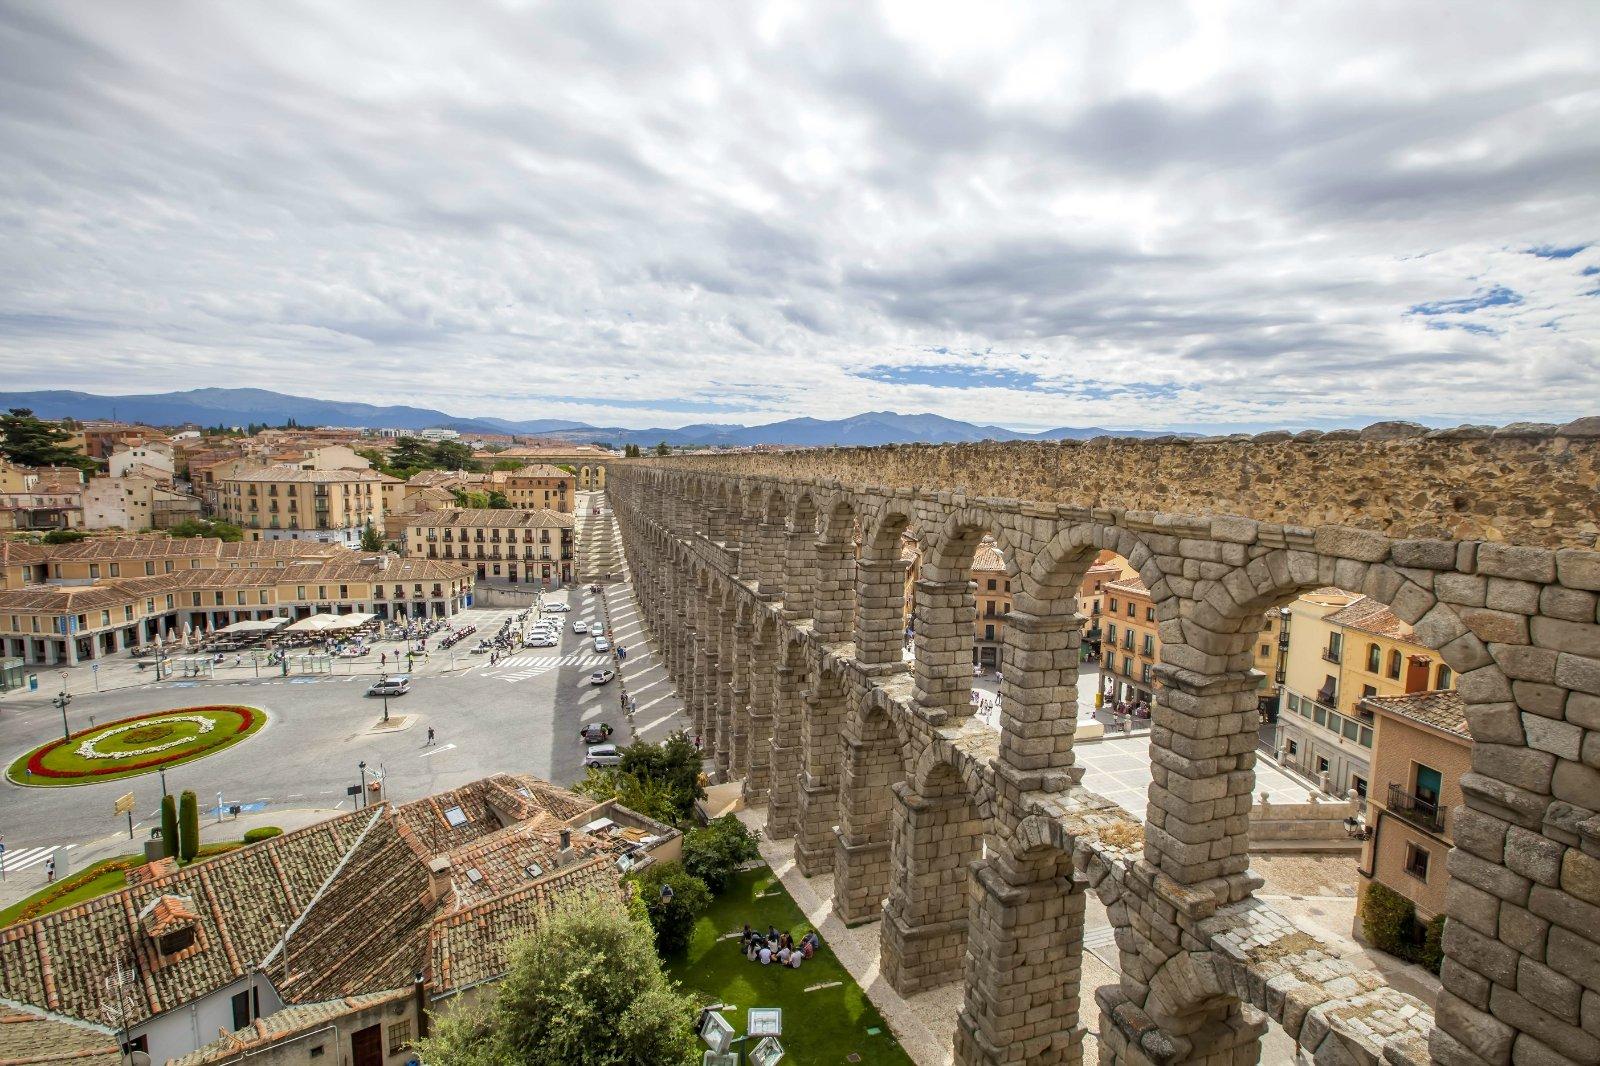 2019古罗马高架引水渠游玩攻略,震撼之极,人在